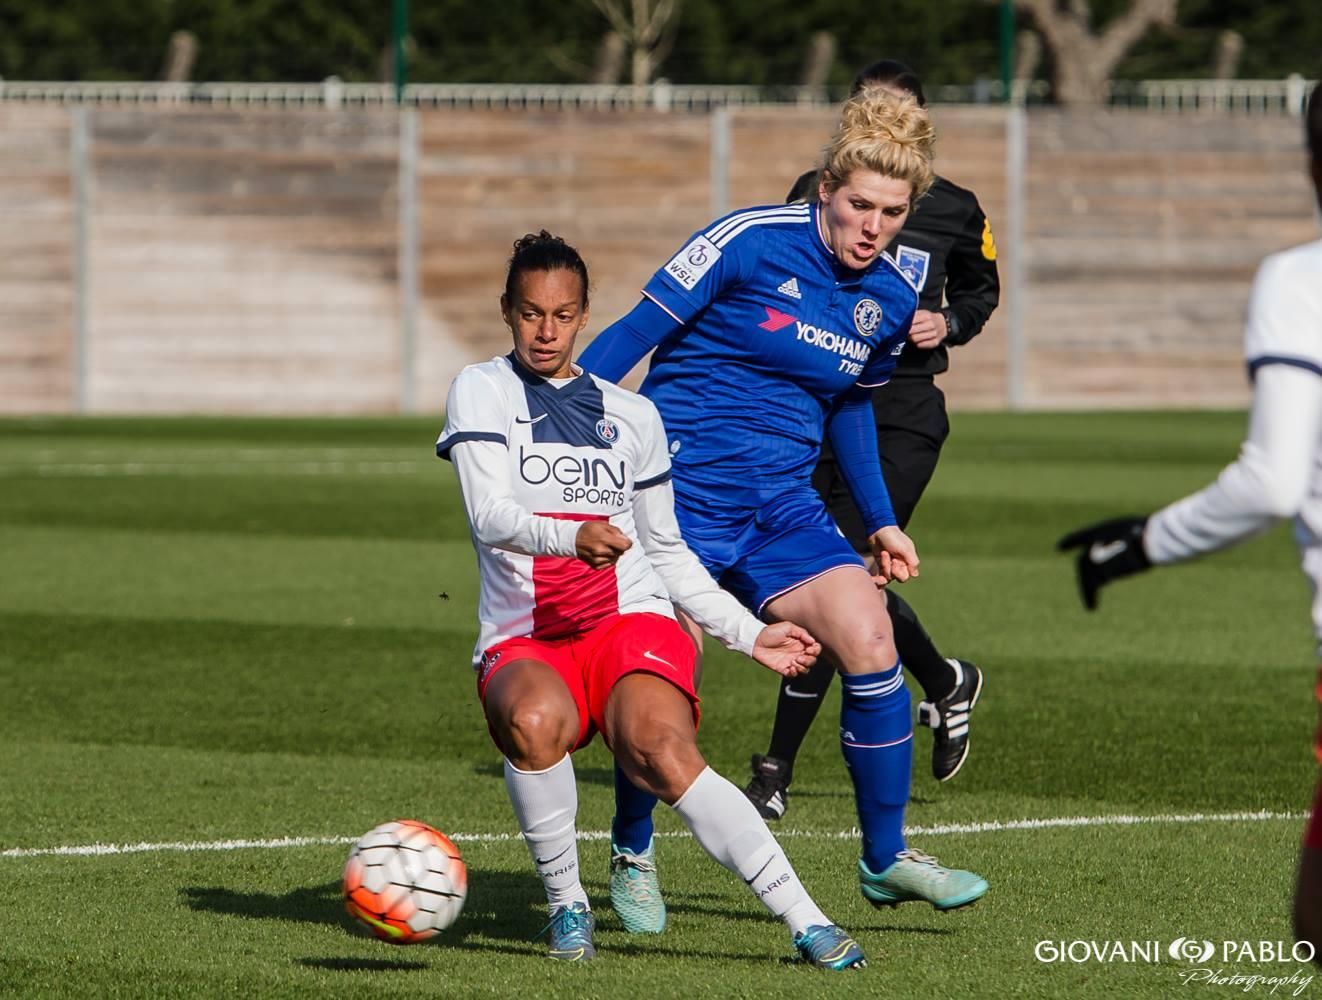 Les débuts de Rosana avec le PSG (photo Giovani Pablo Photography)